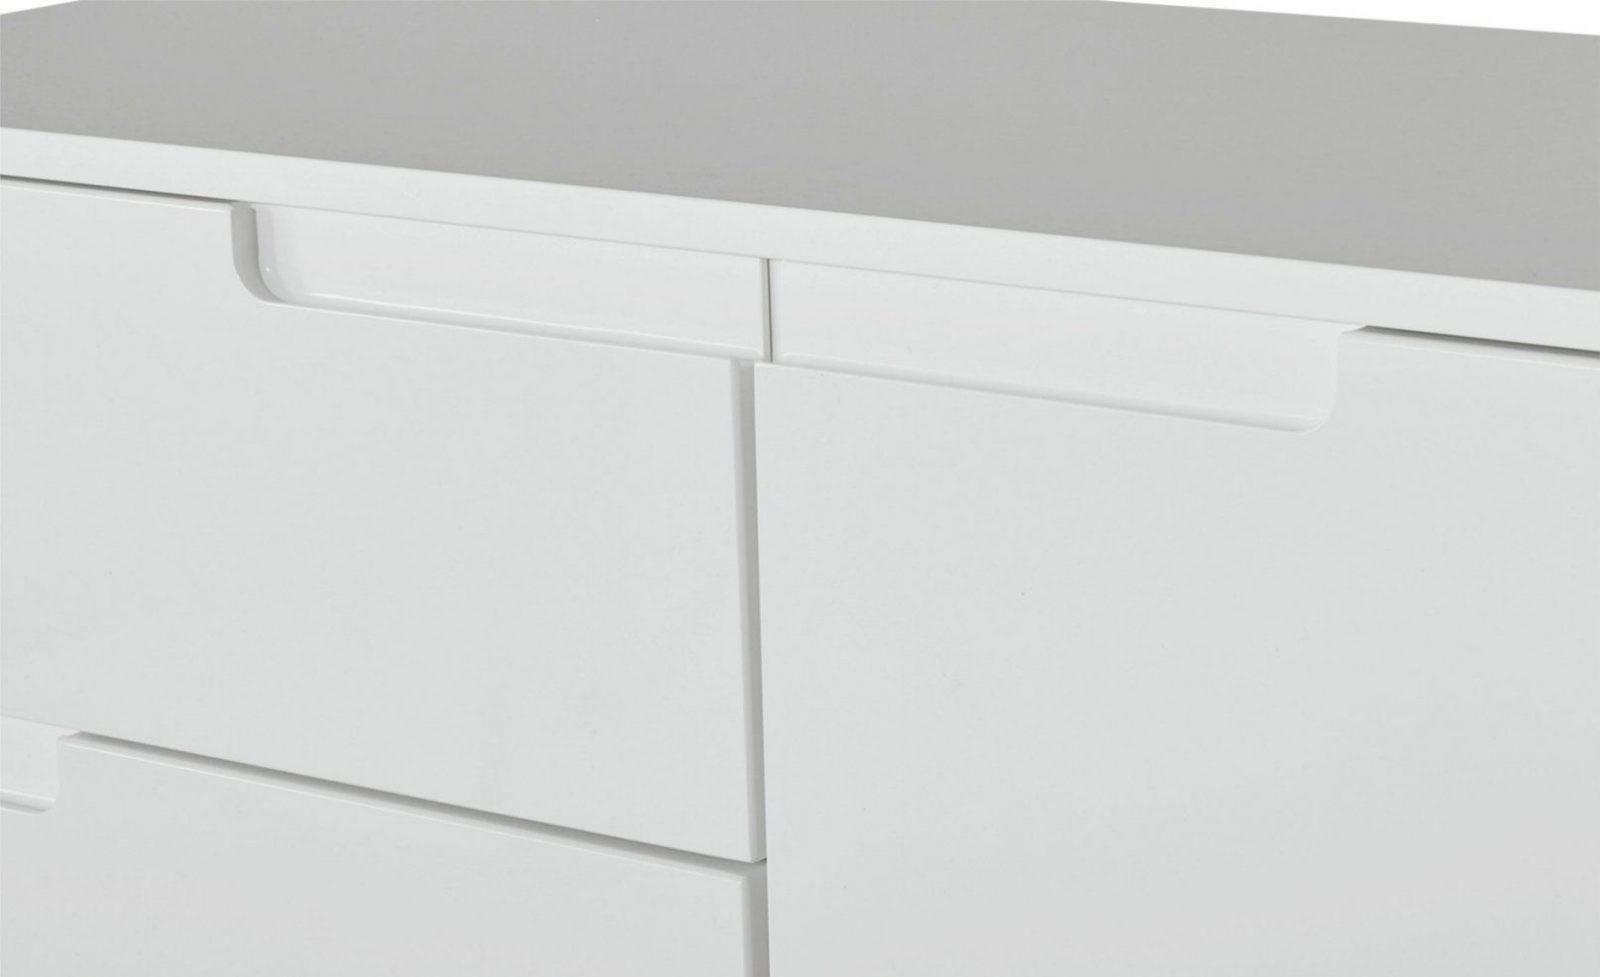 Schön Modern Kommode 60 Tief Kommode Weiß Breit 100 Cm Palermo Für von Kommode Weiß 100 Cm Hoch Bild